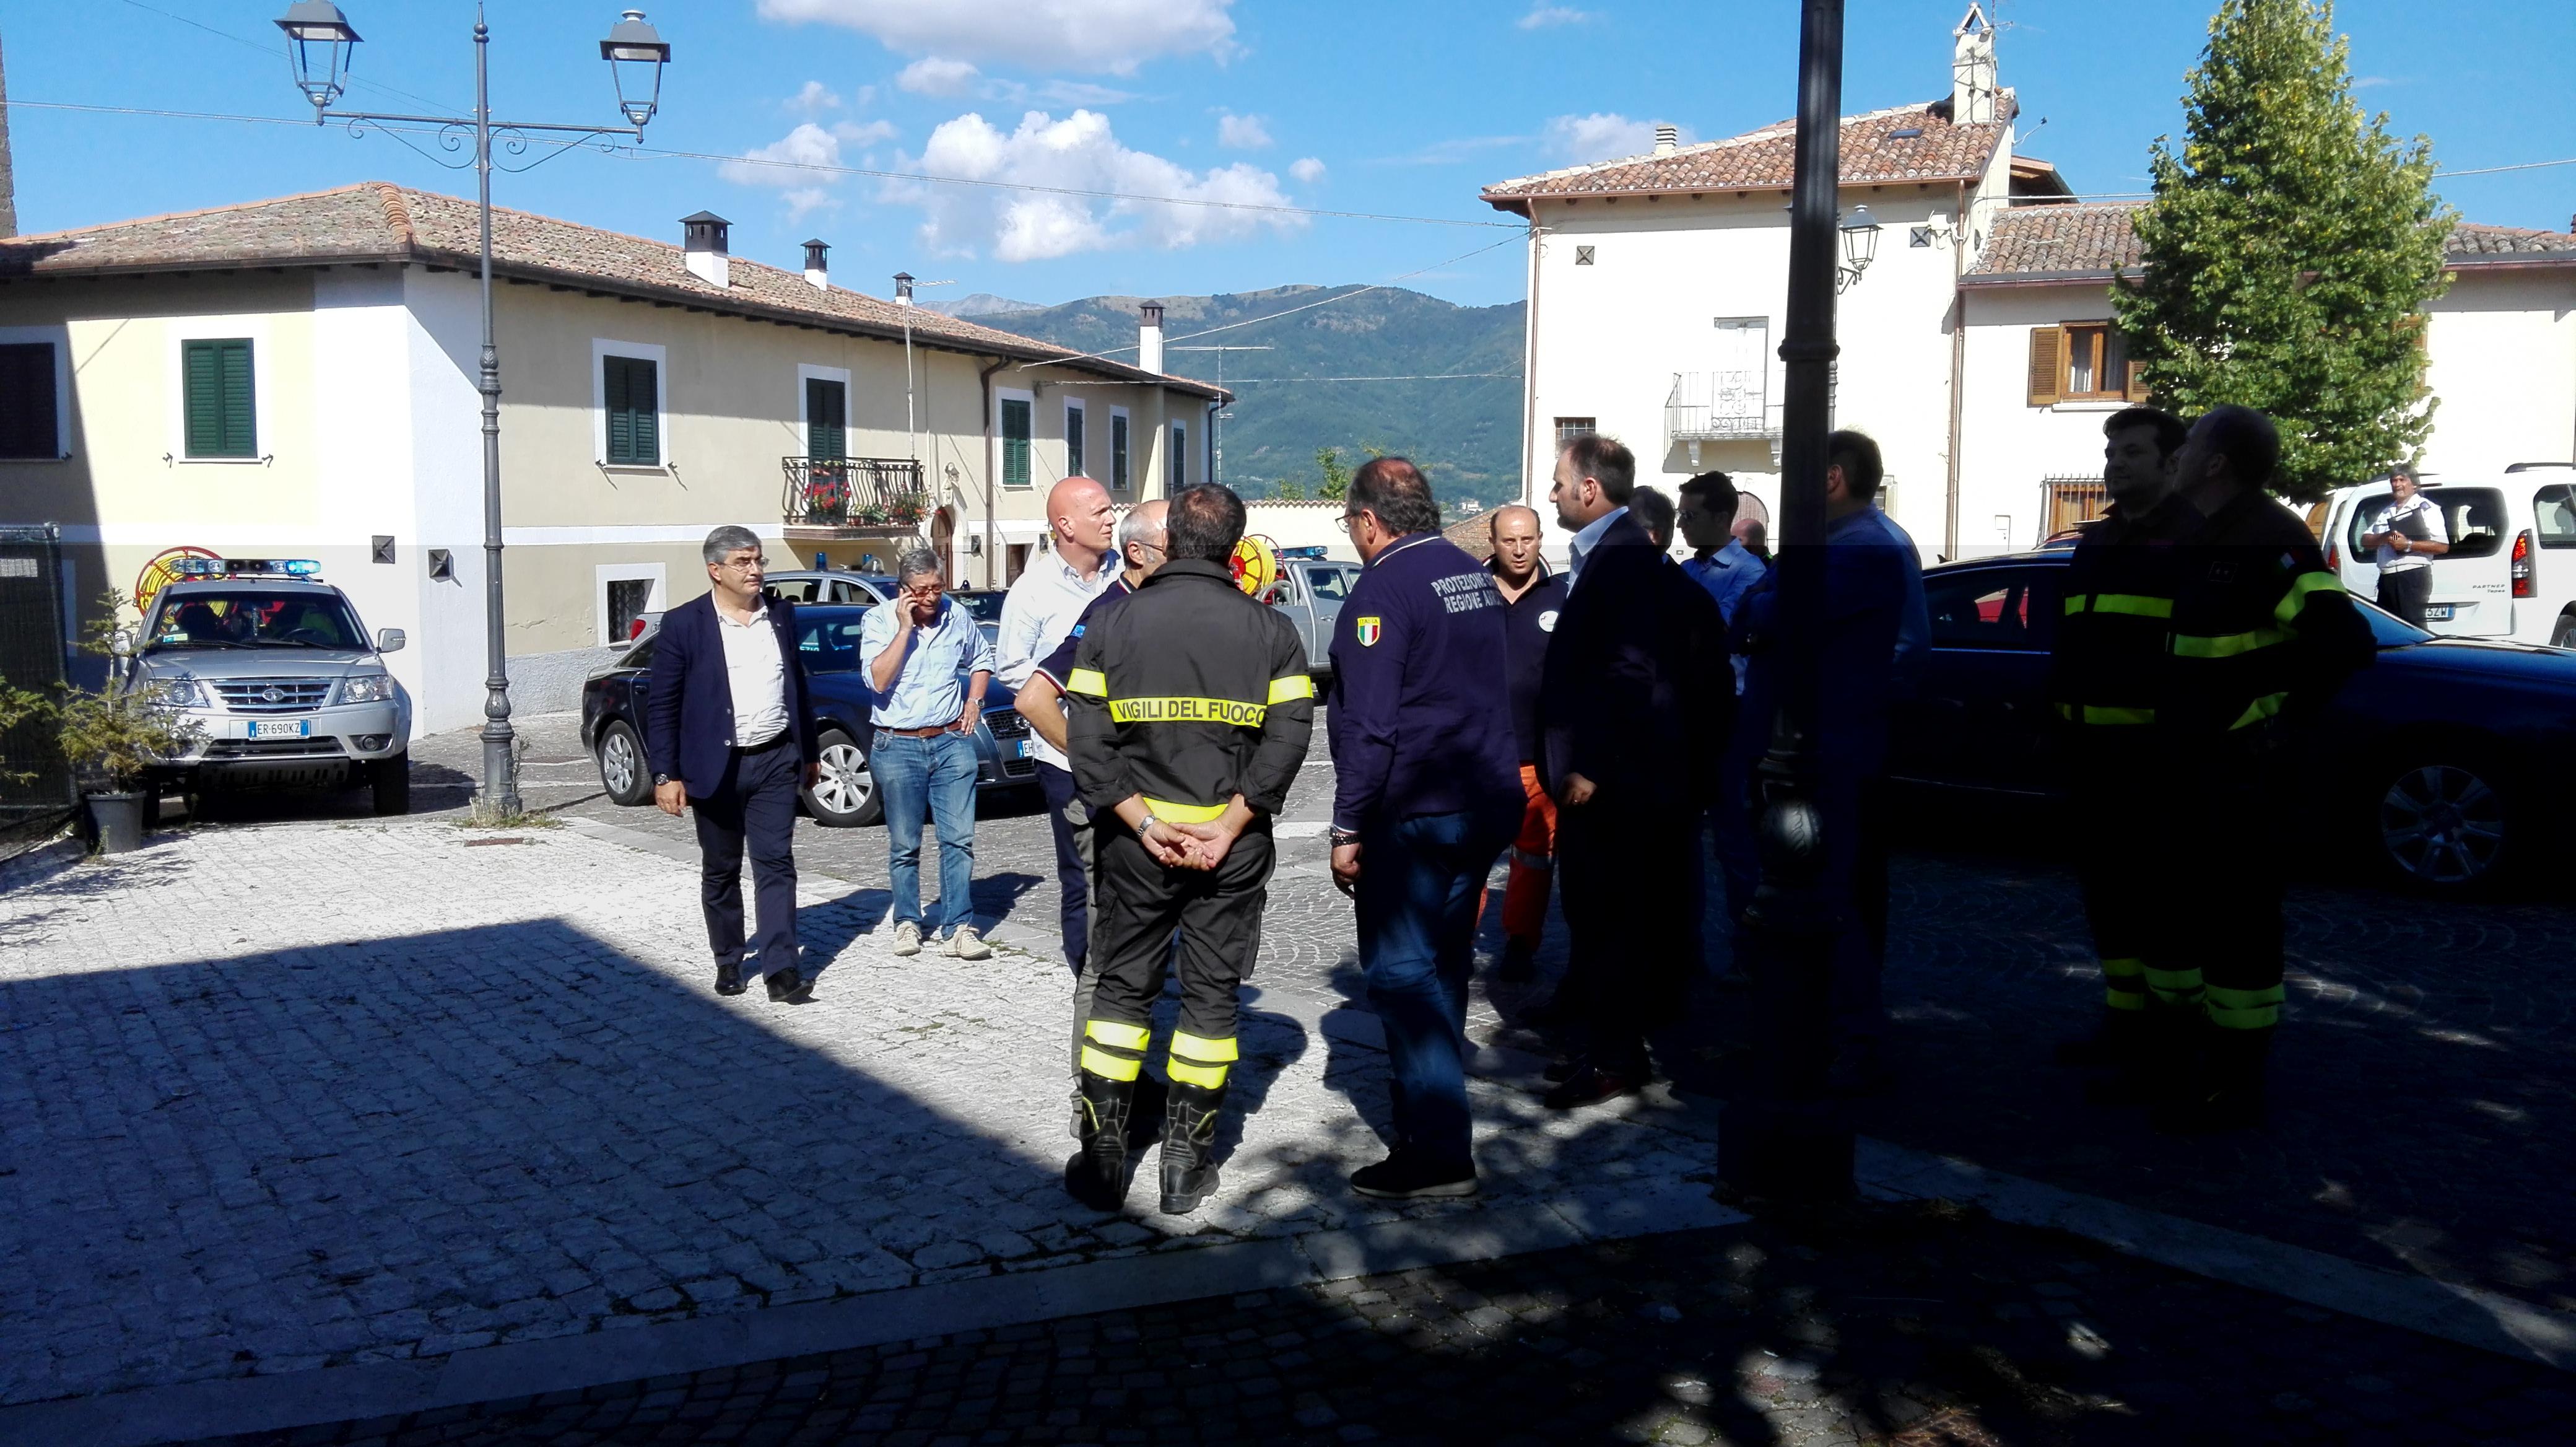 Sisma 24 agosto: Errani e Curcio tornano in Abruzzo